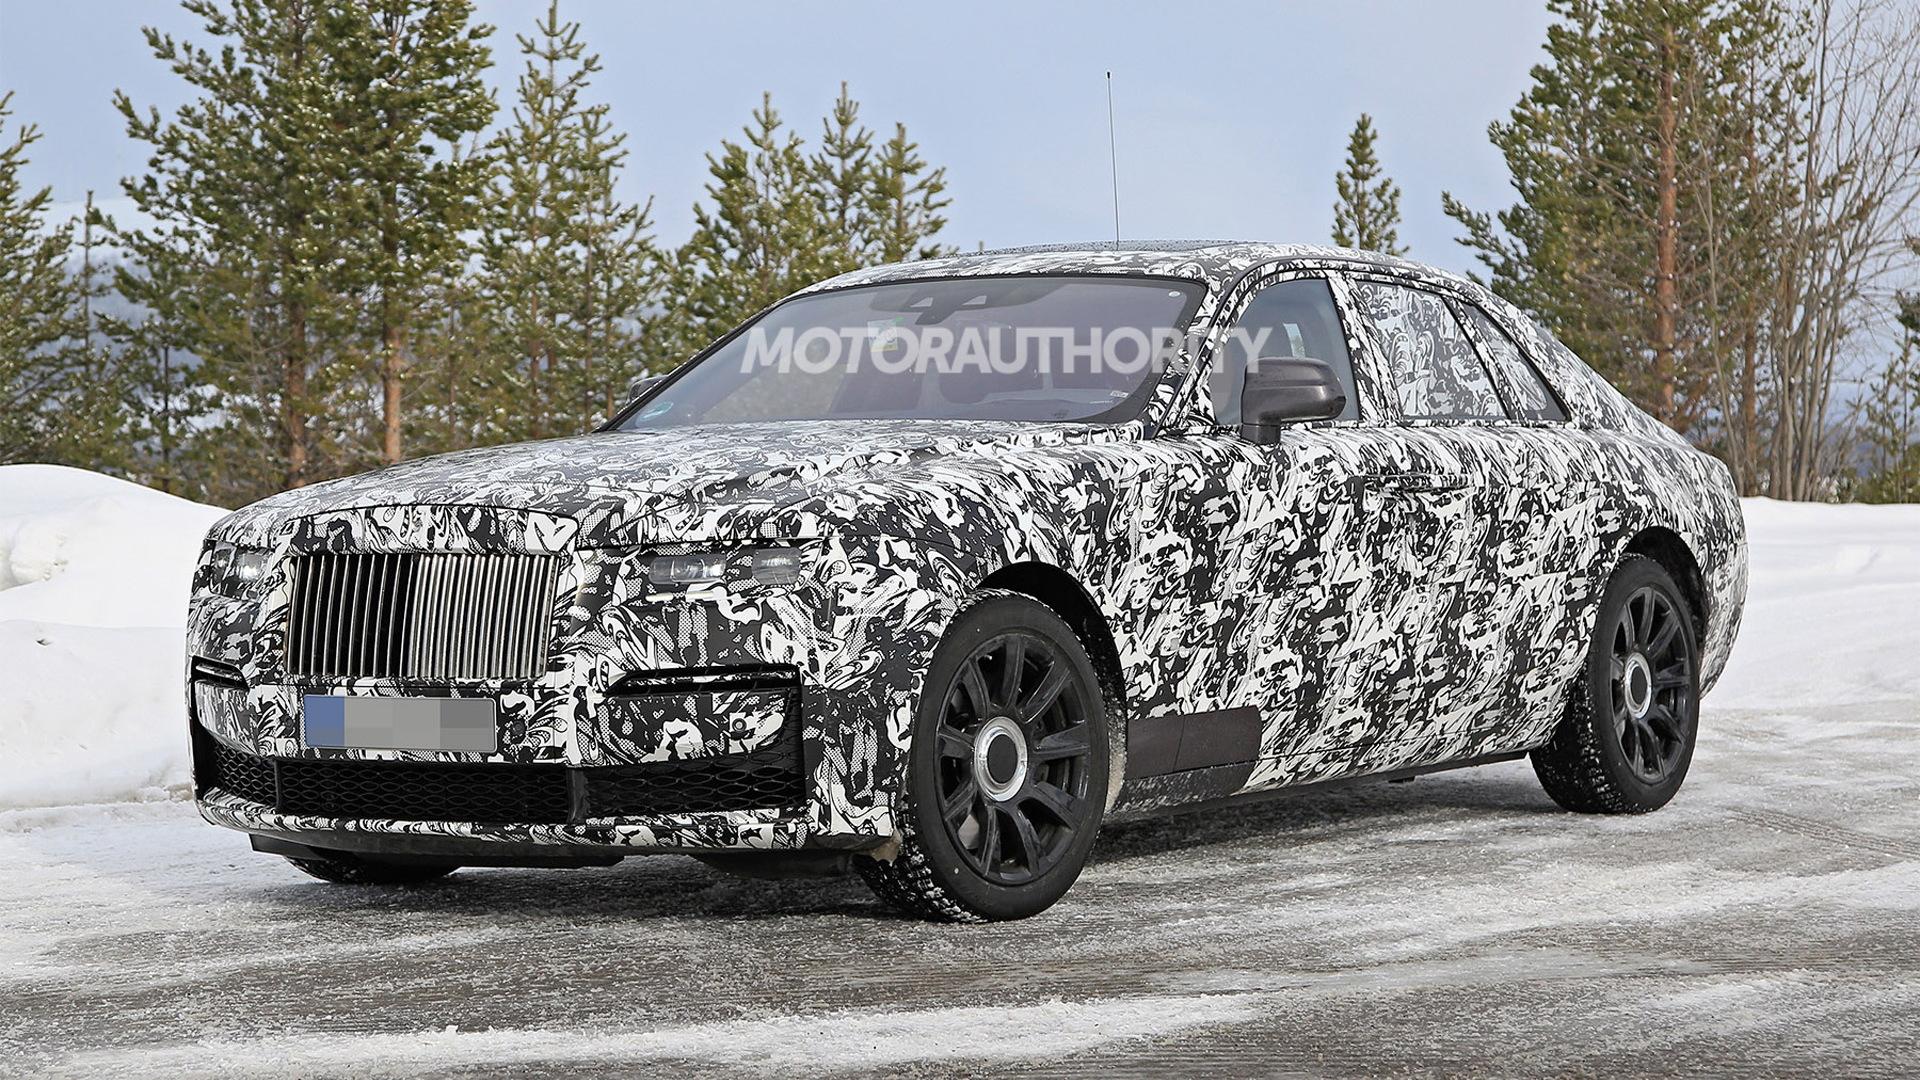 2021 Rolls Royce Ghost Spy Shots